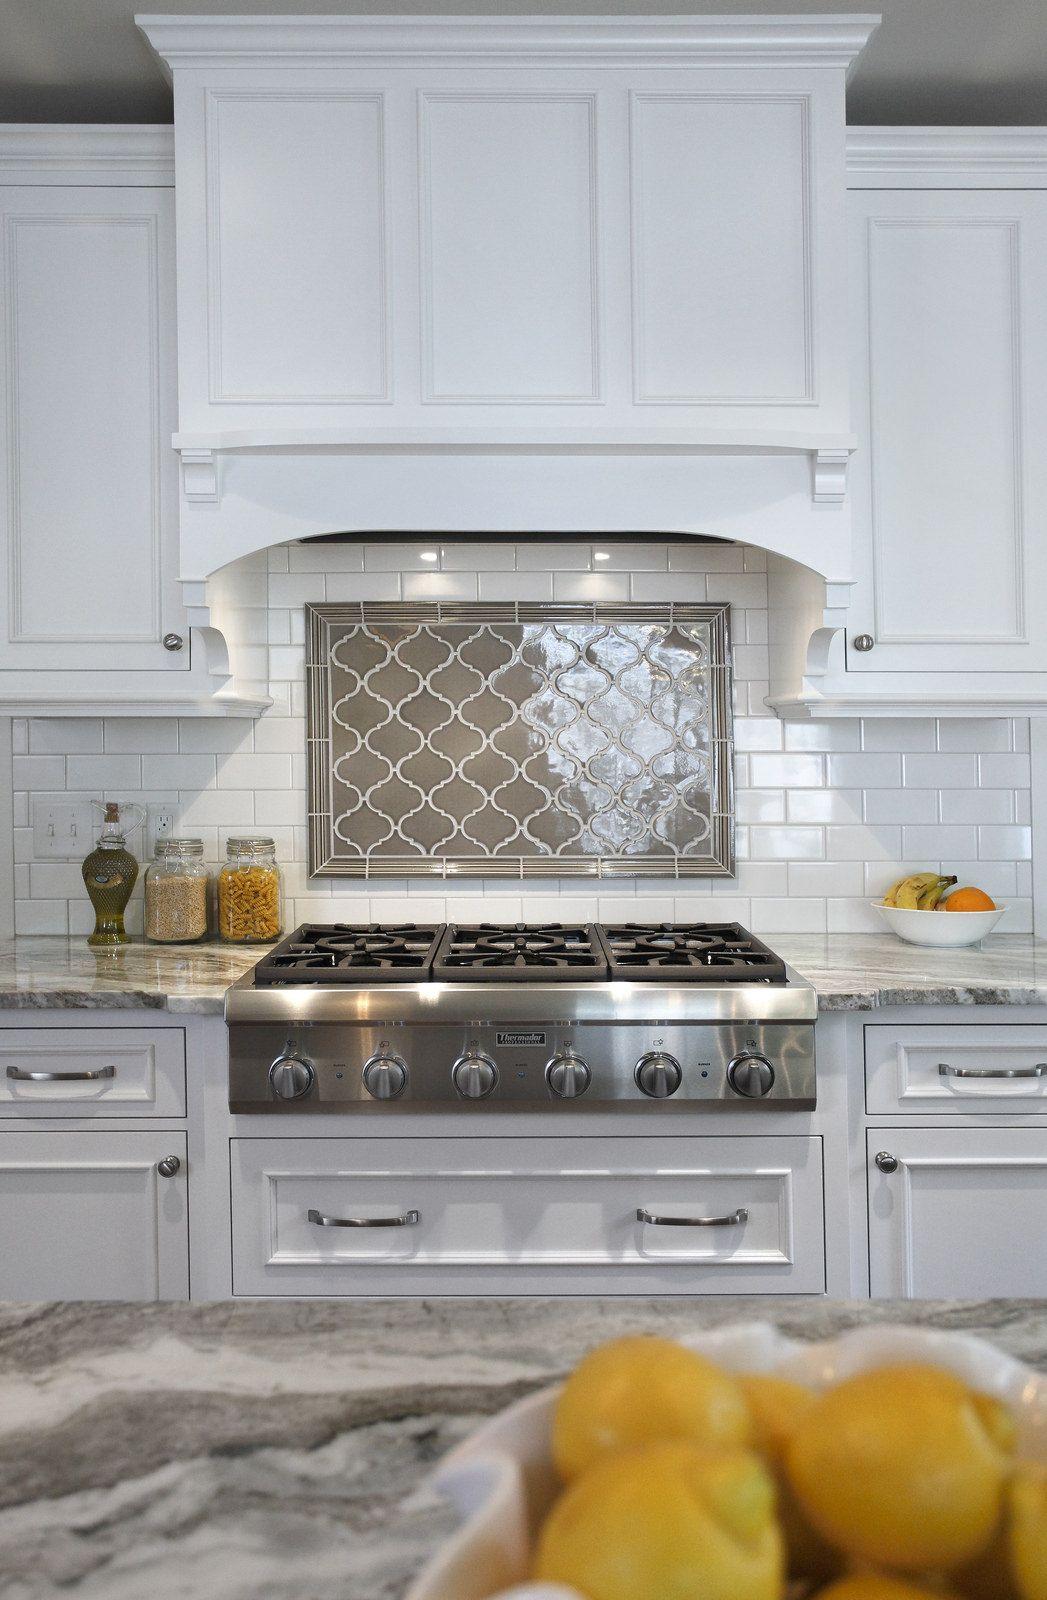 _MG_4807 | Cocinas, Cocinas blancas y Estufas